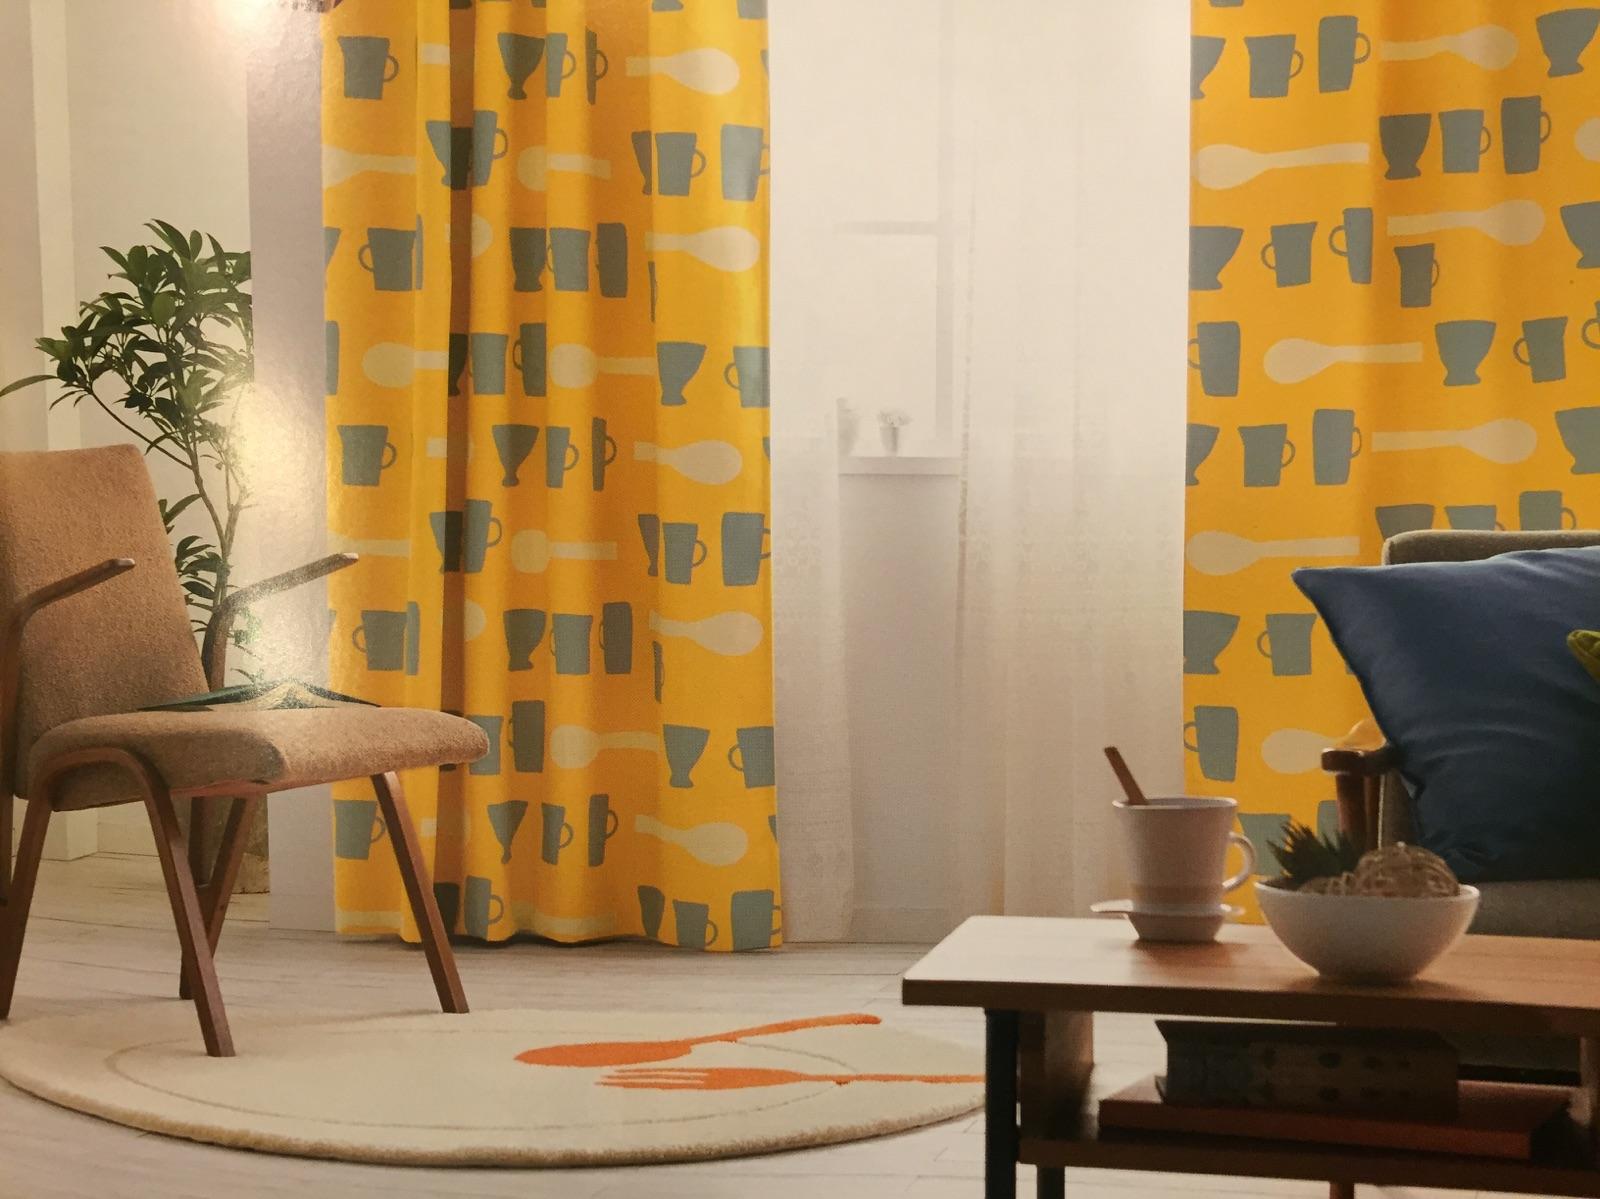 atsuko matanoブランドのカーテンも取扱い始めました! | 3days-grunge